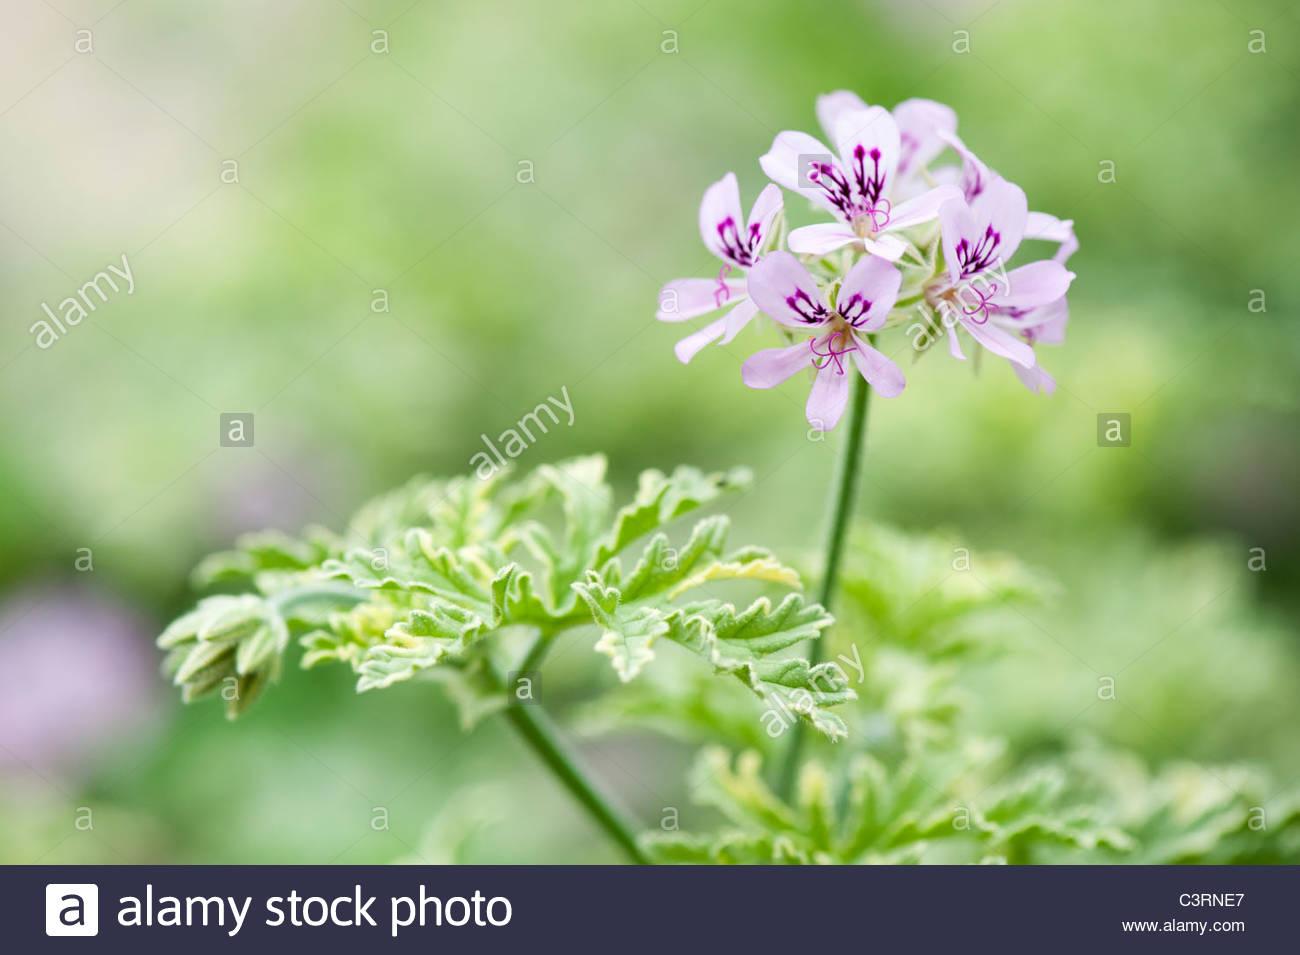 Pelargonium Graveolens Lady Plymouth Scented Geranium